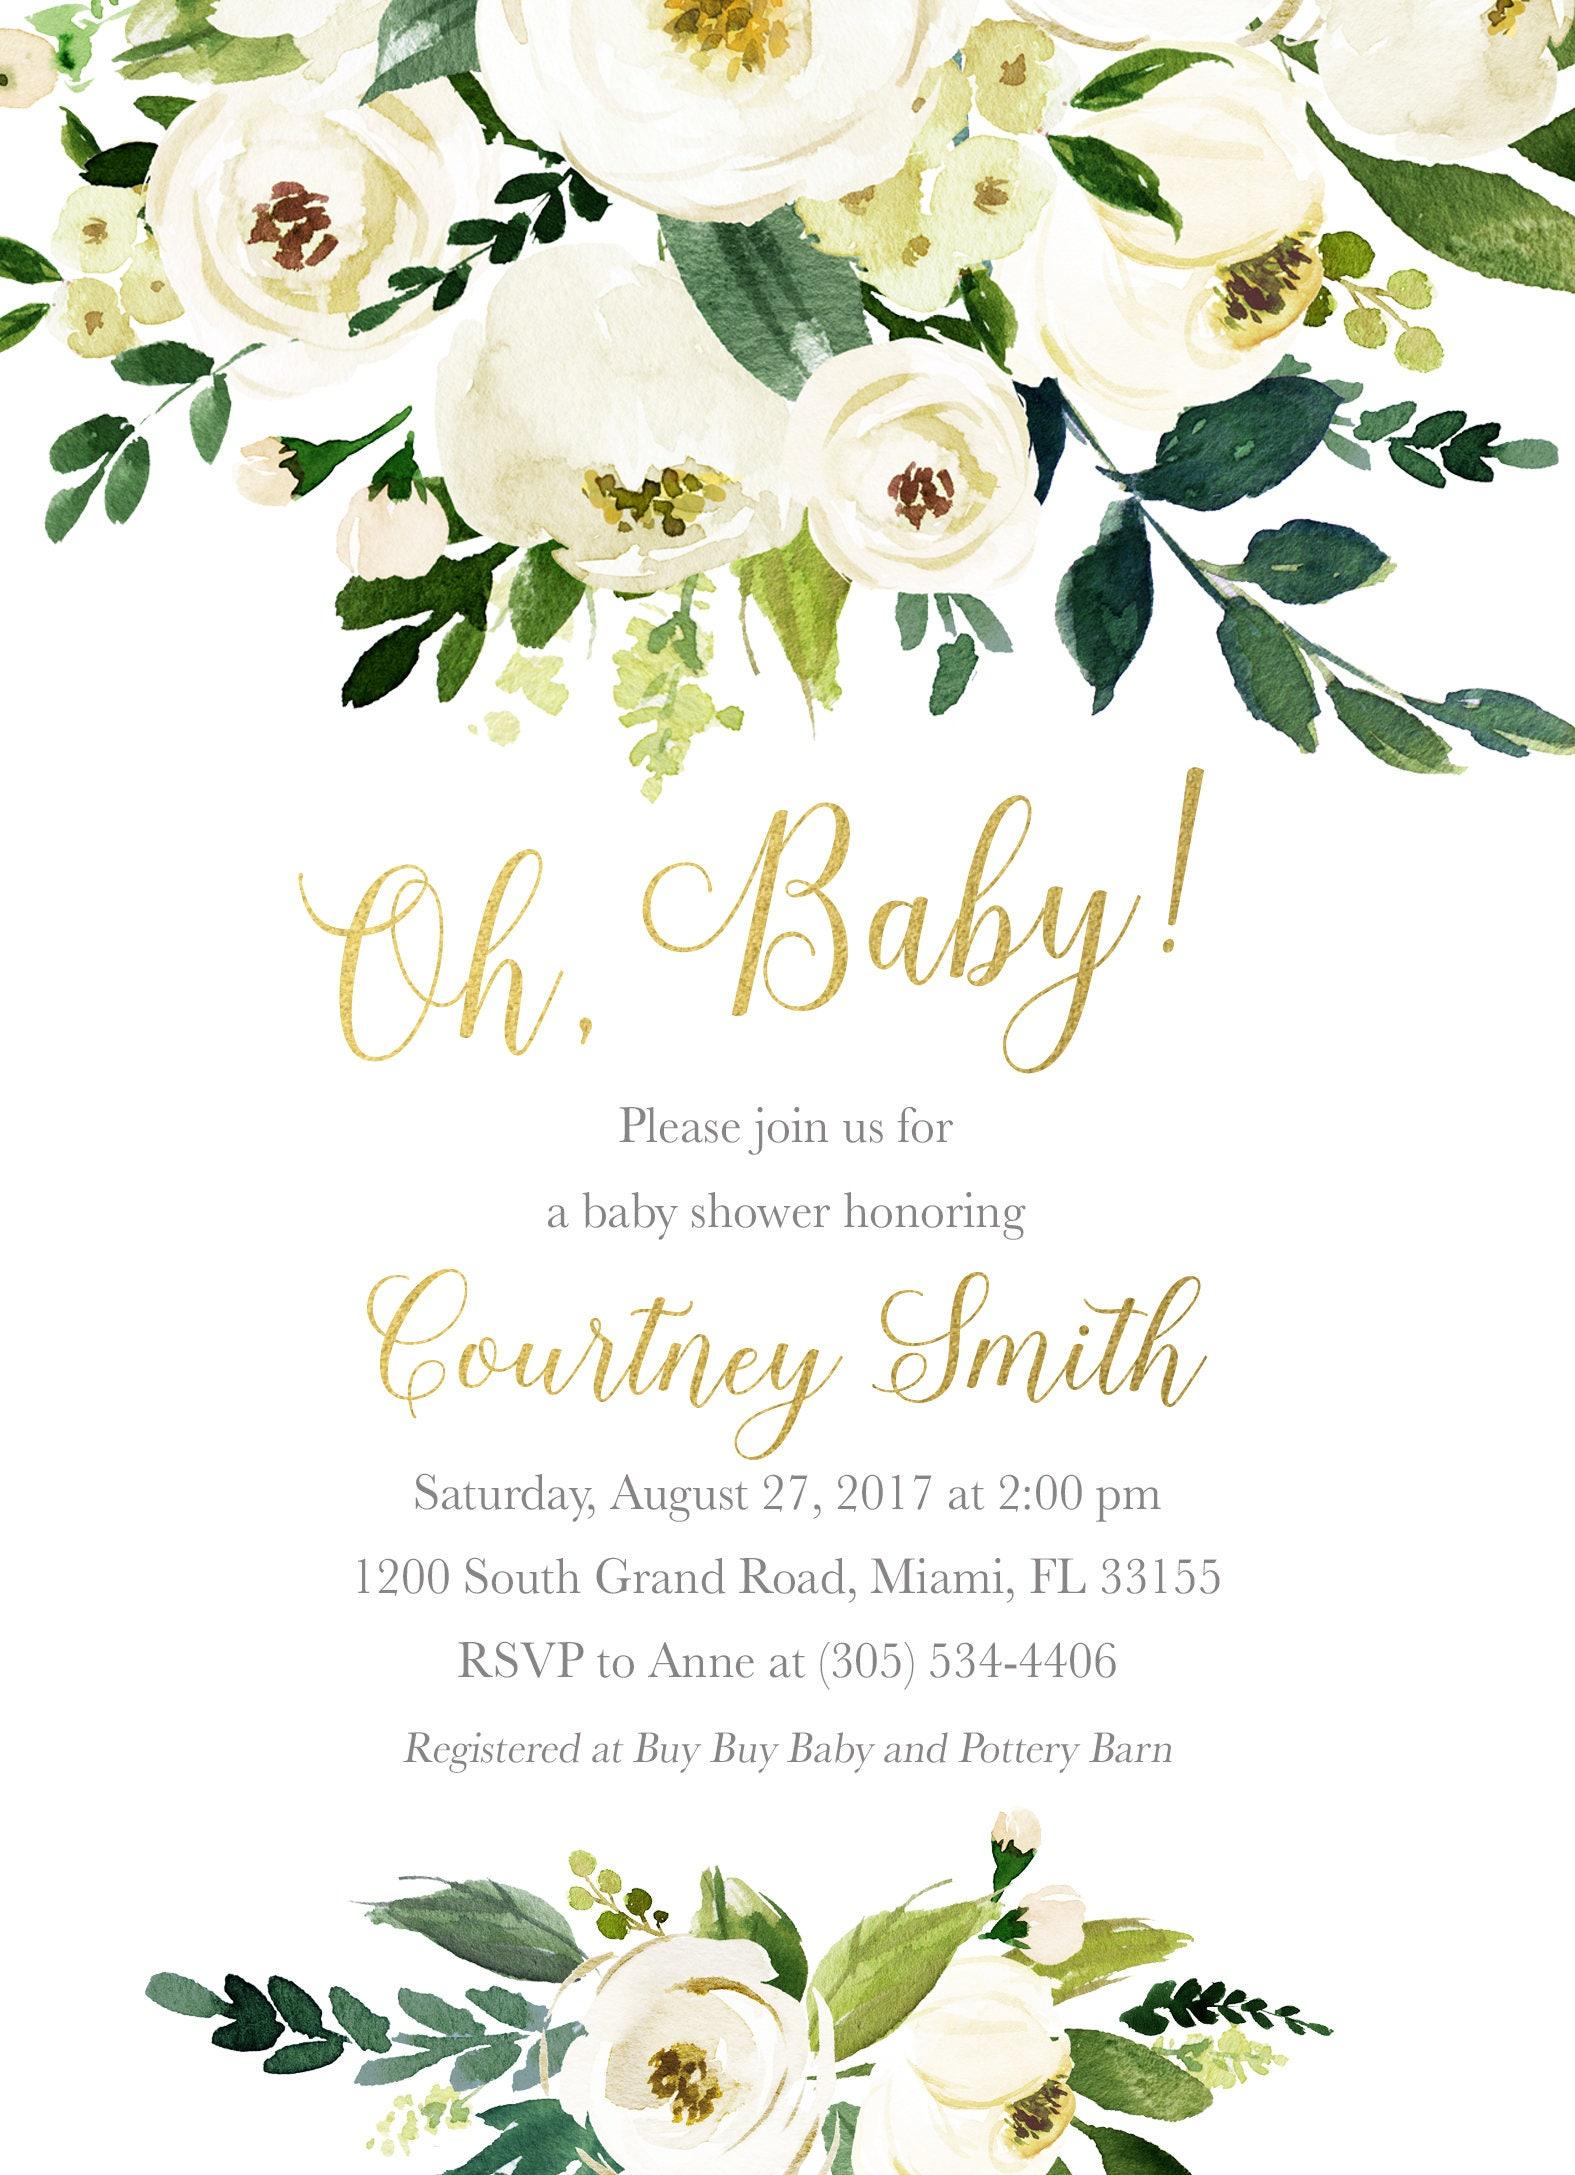 Oh Baby Baby Shower Brunch Invitation, Gender Neutral Baby Shower ...